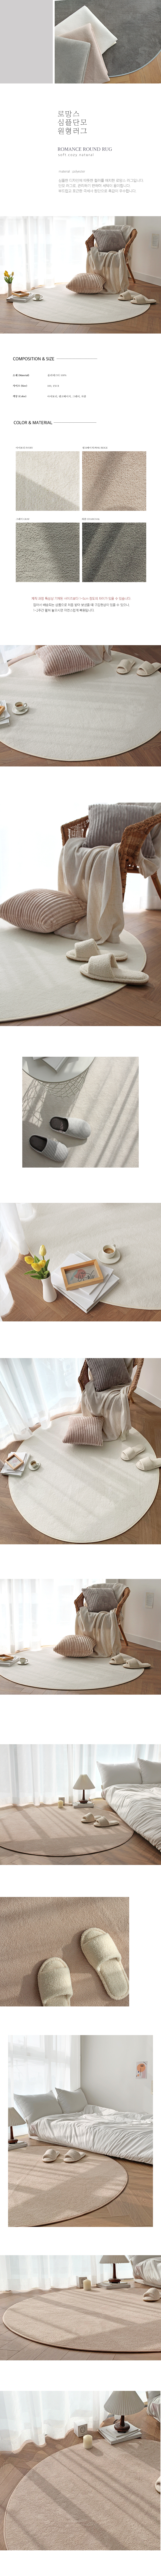 로망스 물세탁 사계절 심플 단모 거실 침실 원형 러그 100R - 더프리그, 21,210원, 여름용품, 모기장/방충망